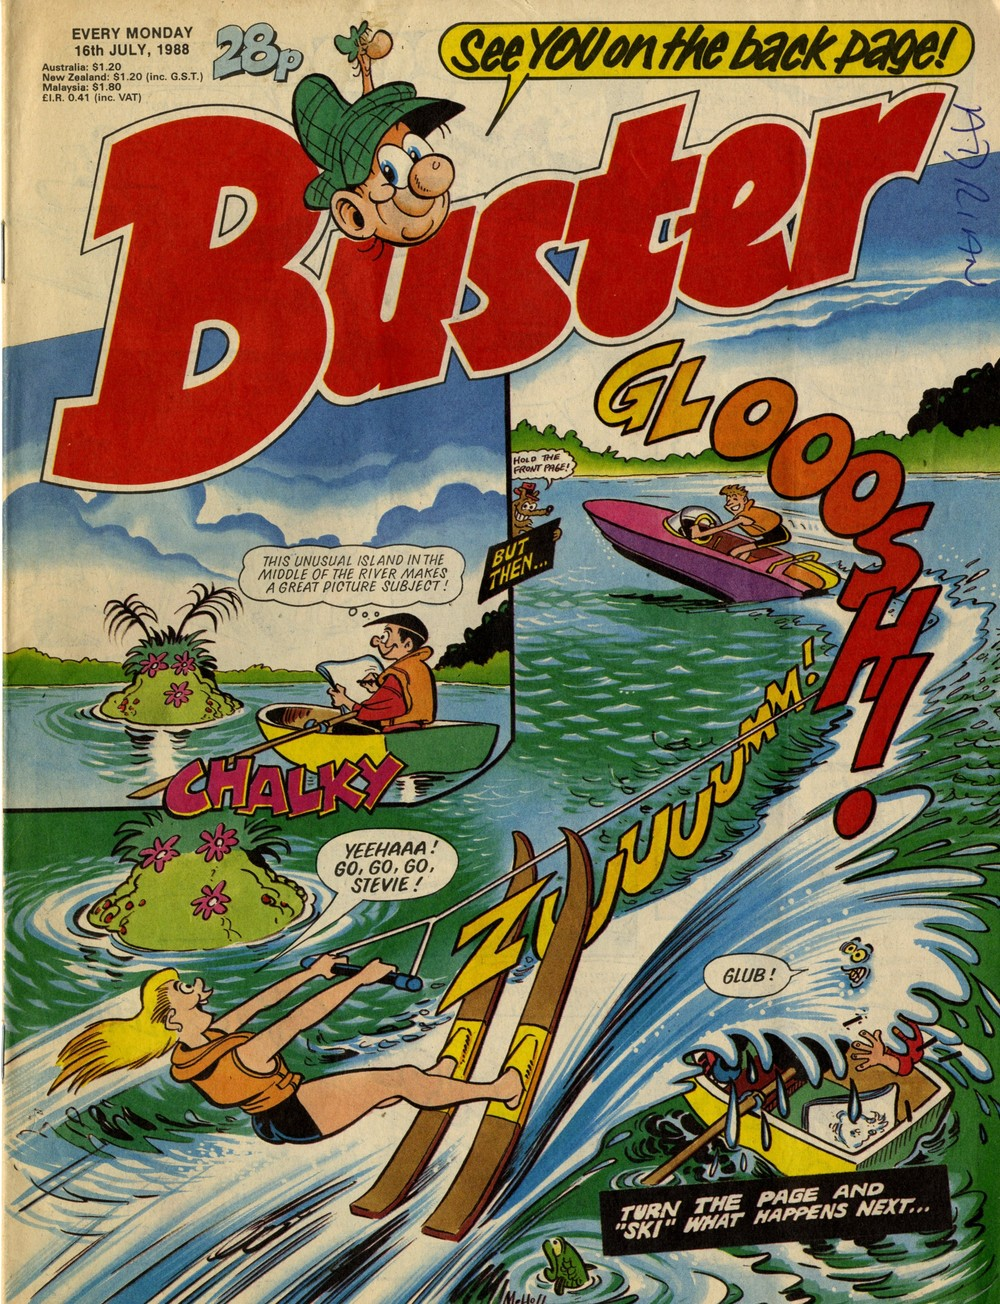 Cover artwork: Bob Hill